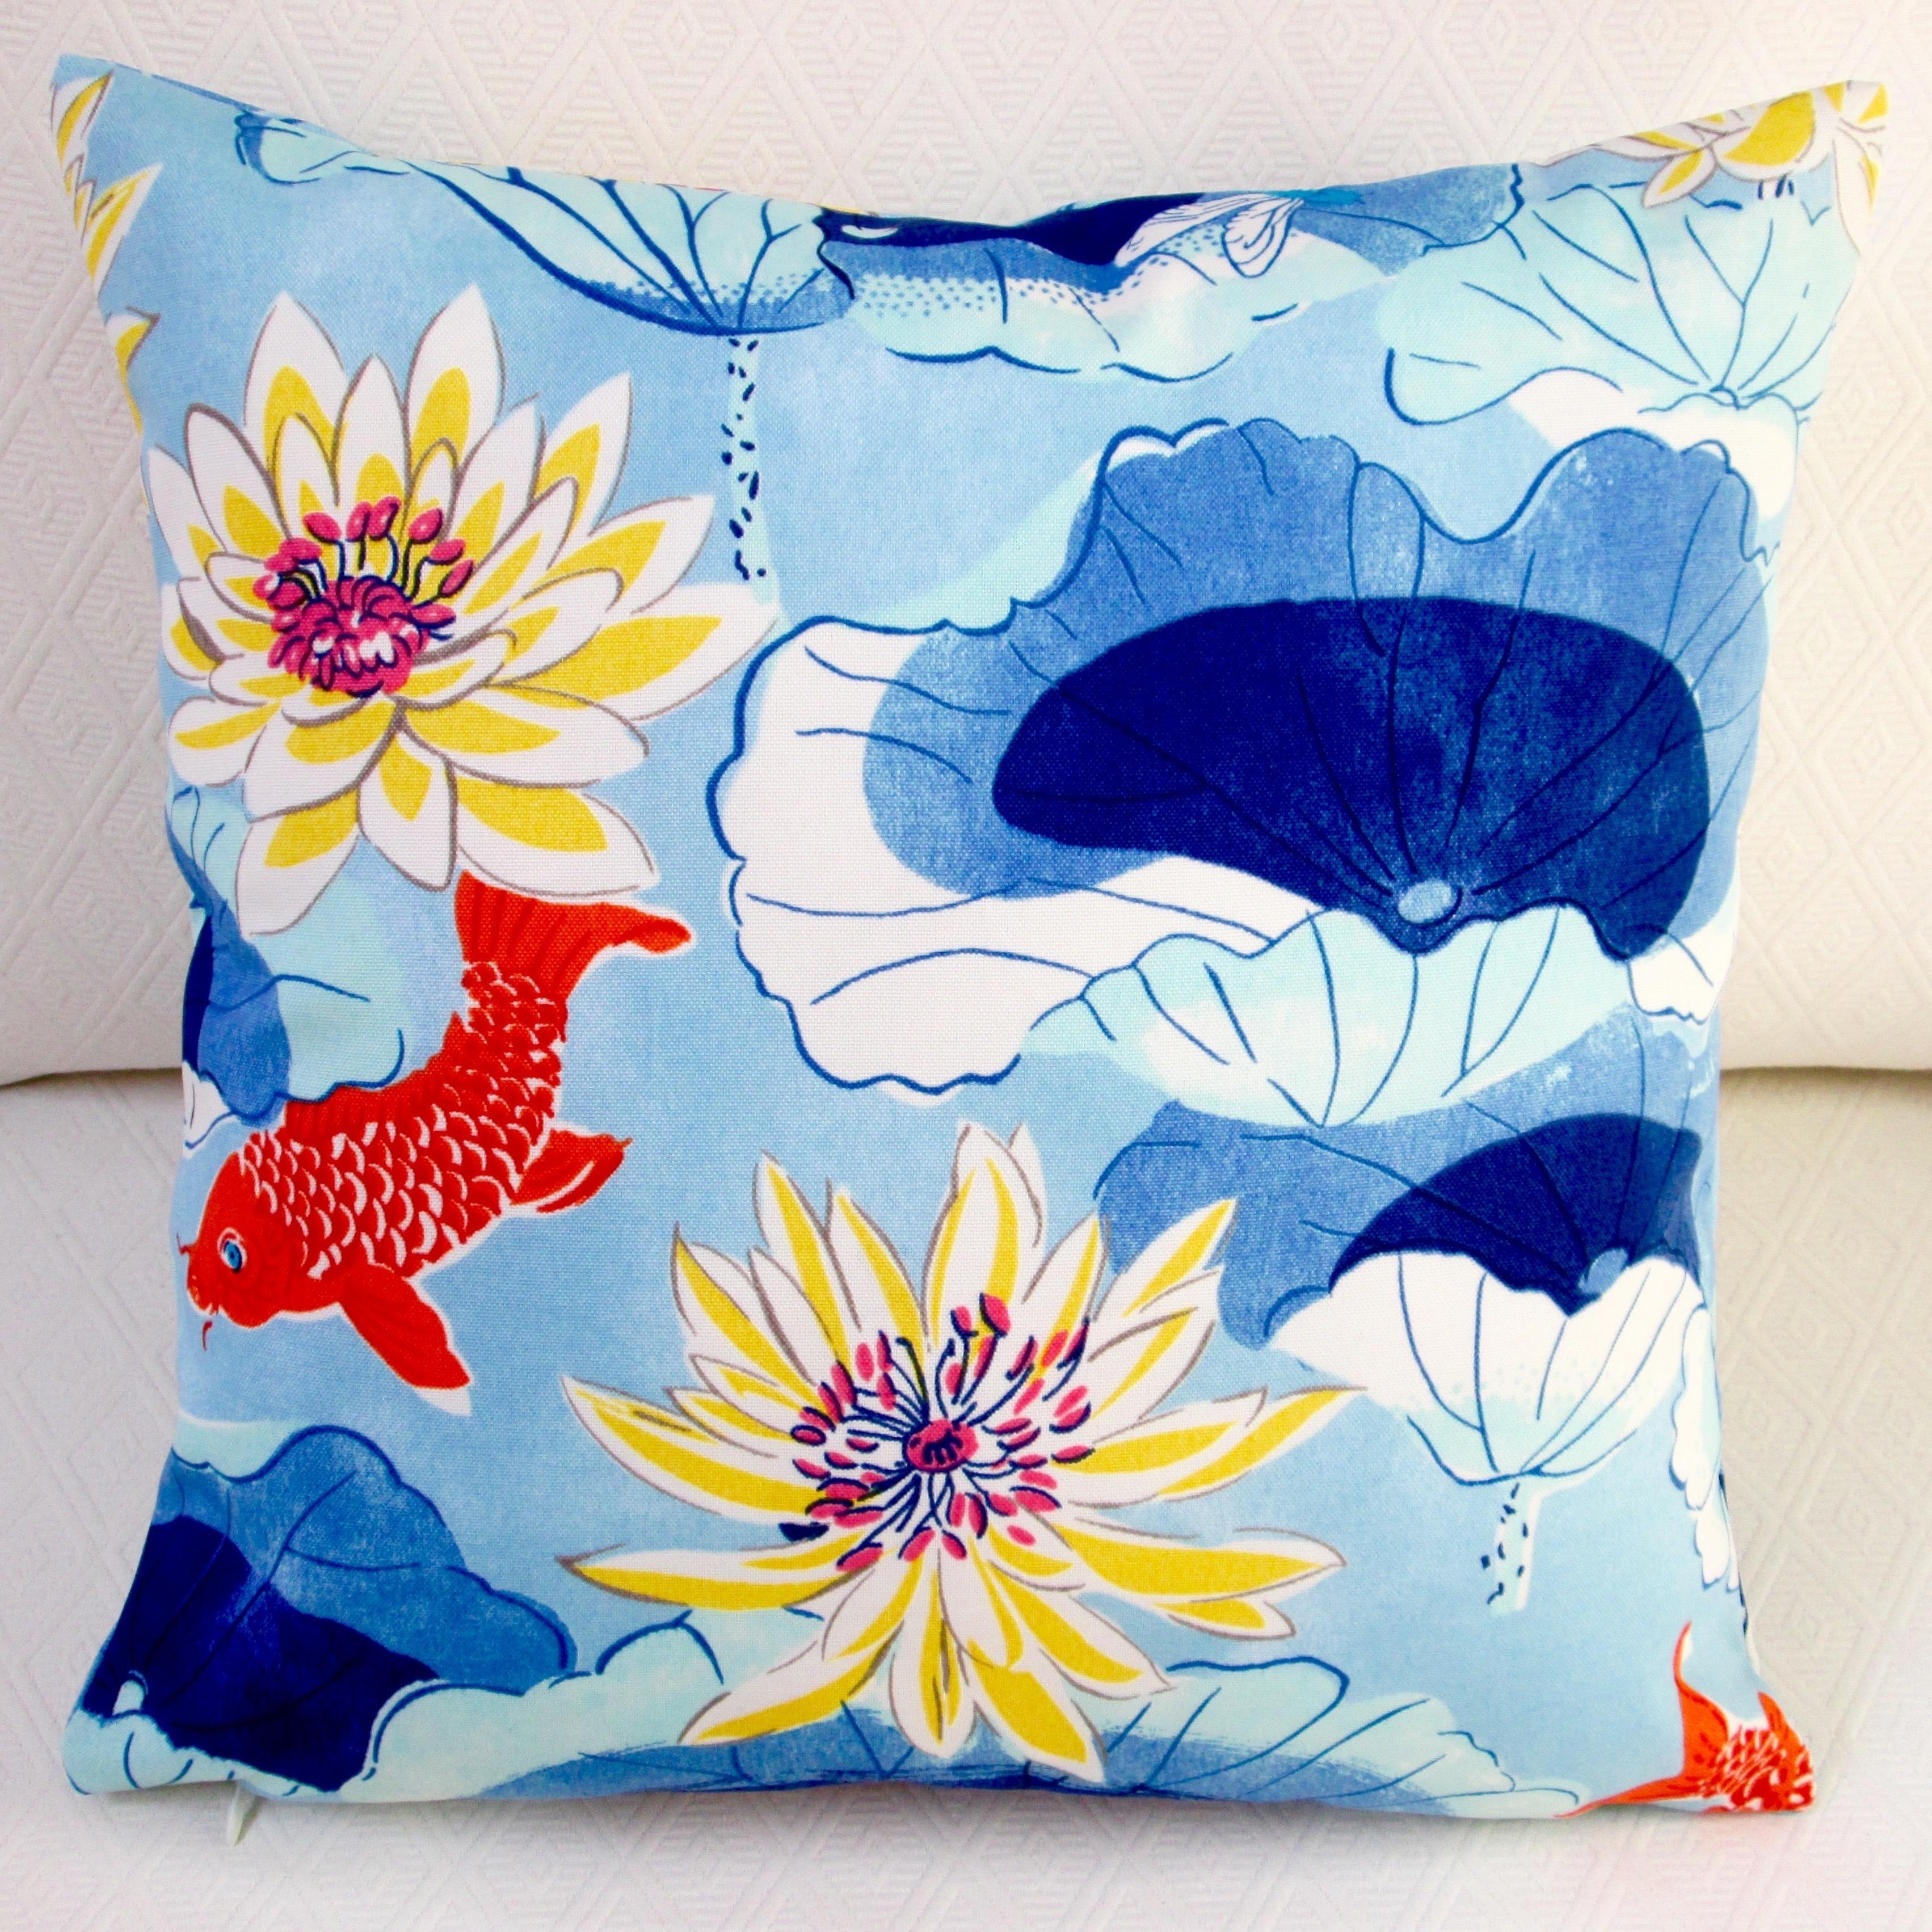 Artisan Pillows Indoor/Outdoor 18-inch Lotus Lake Koi Fis...